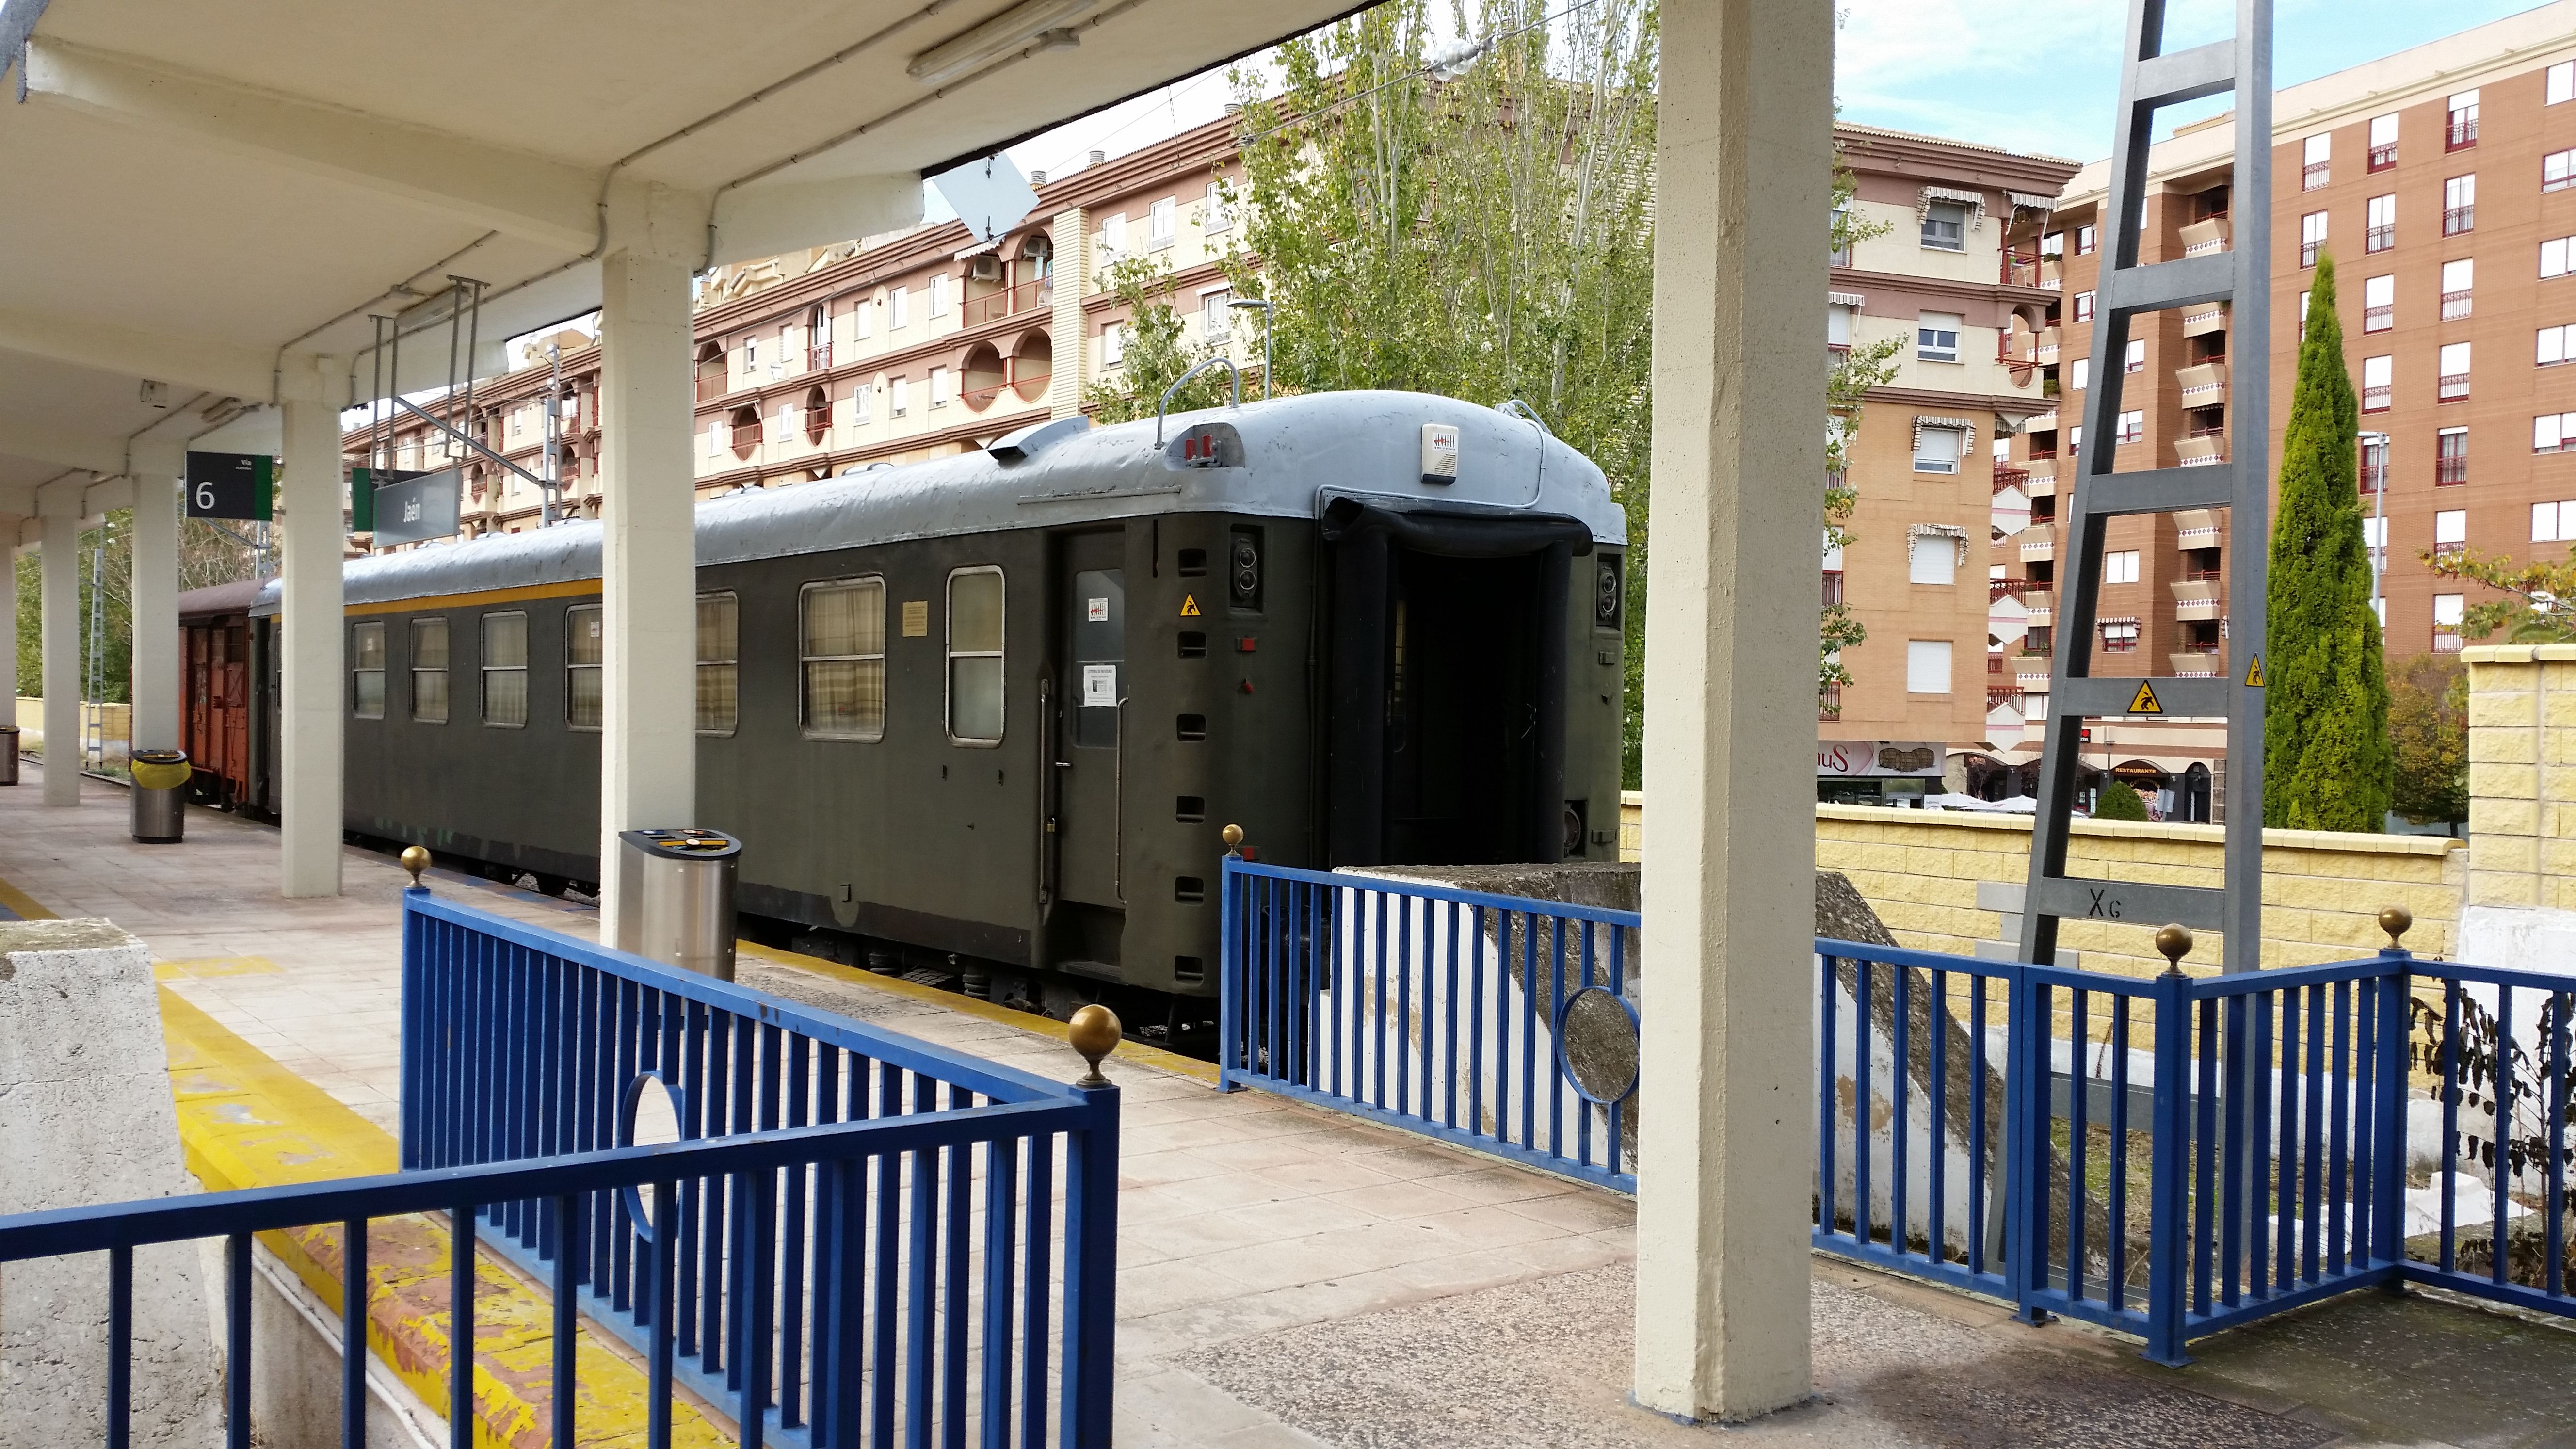 imagenes de la actual estación de ferrocarril de Jaén